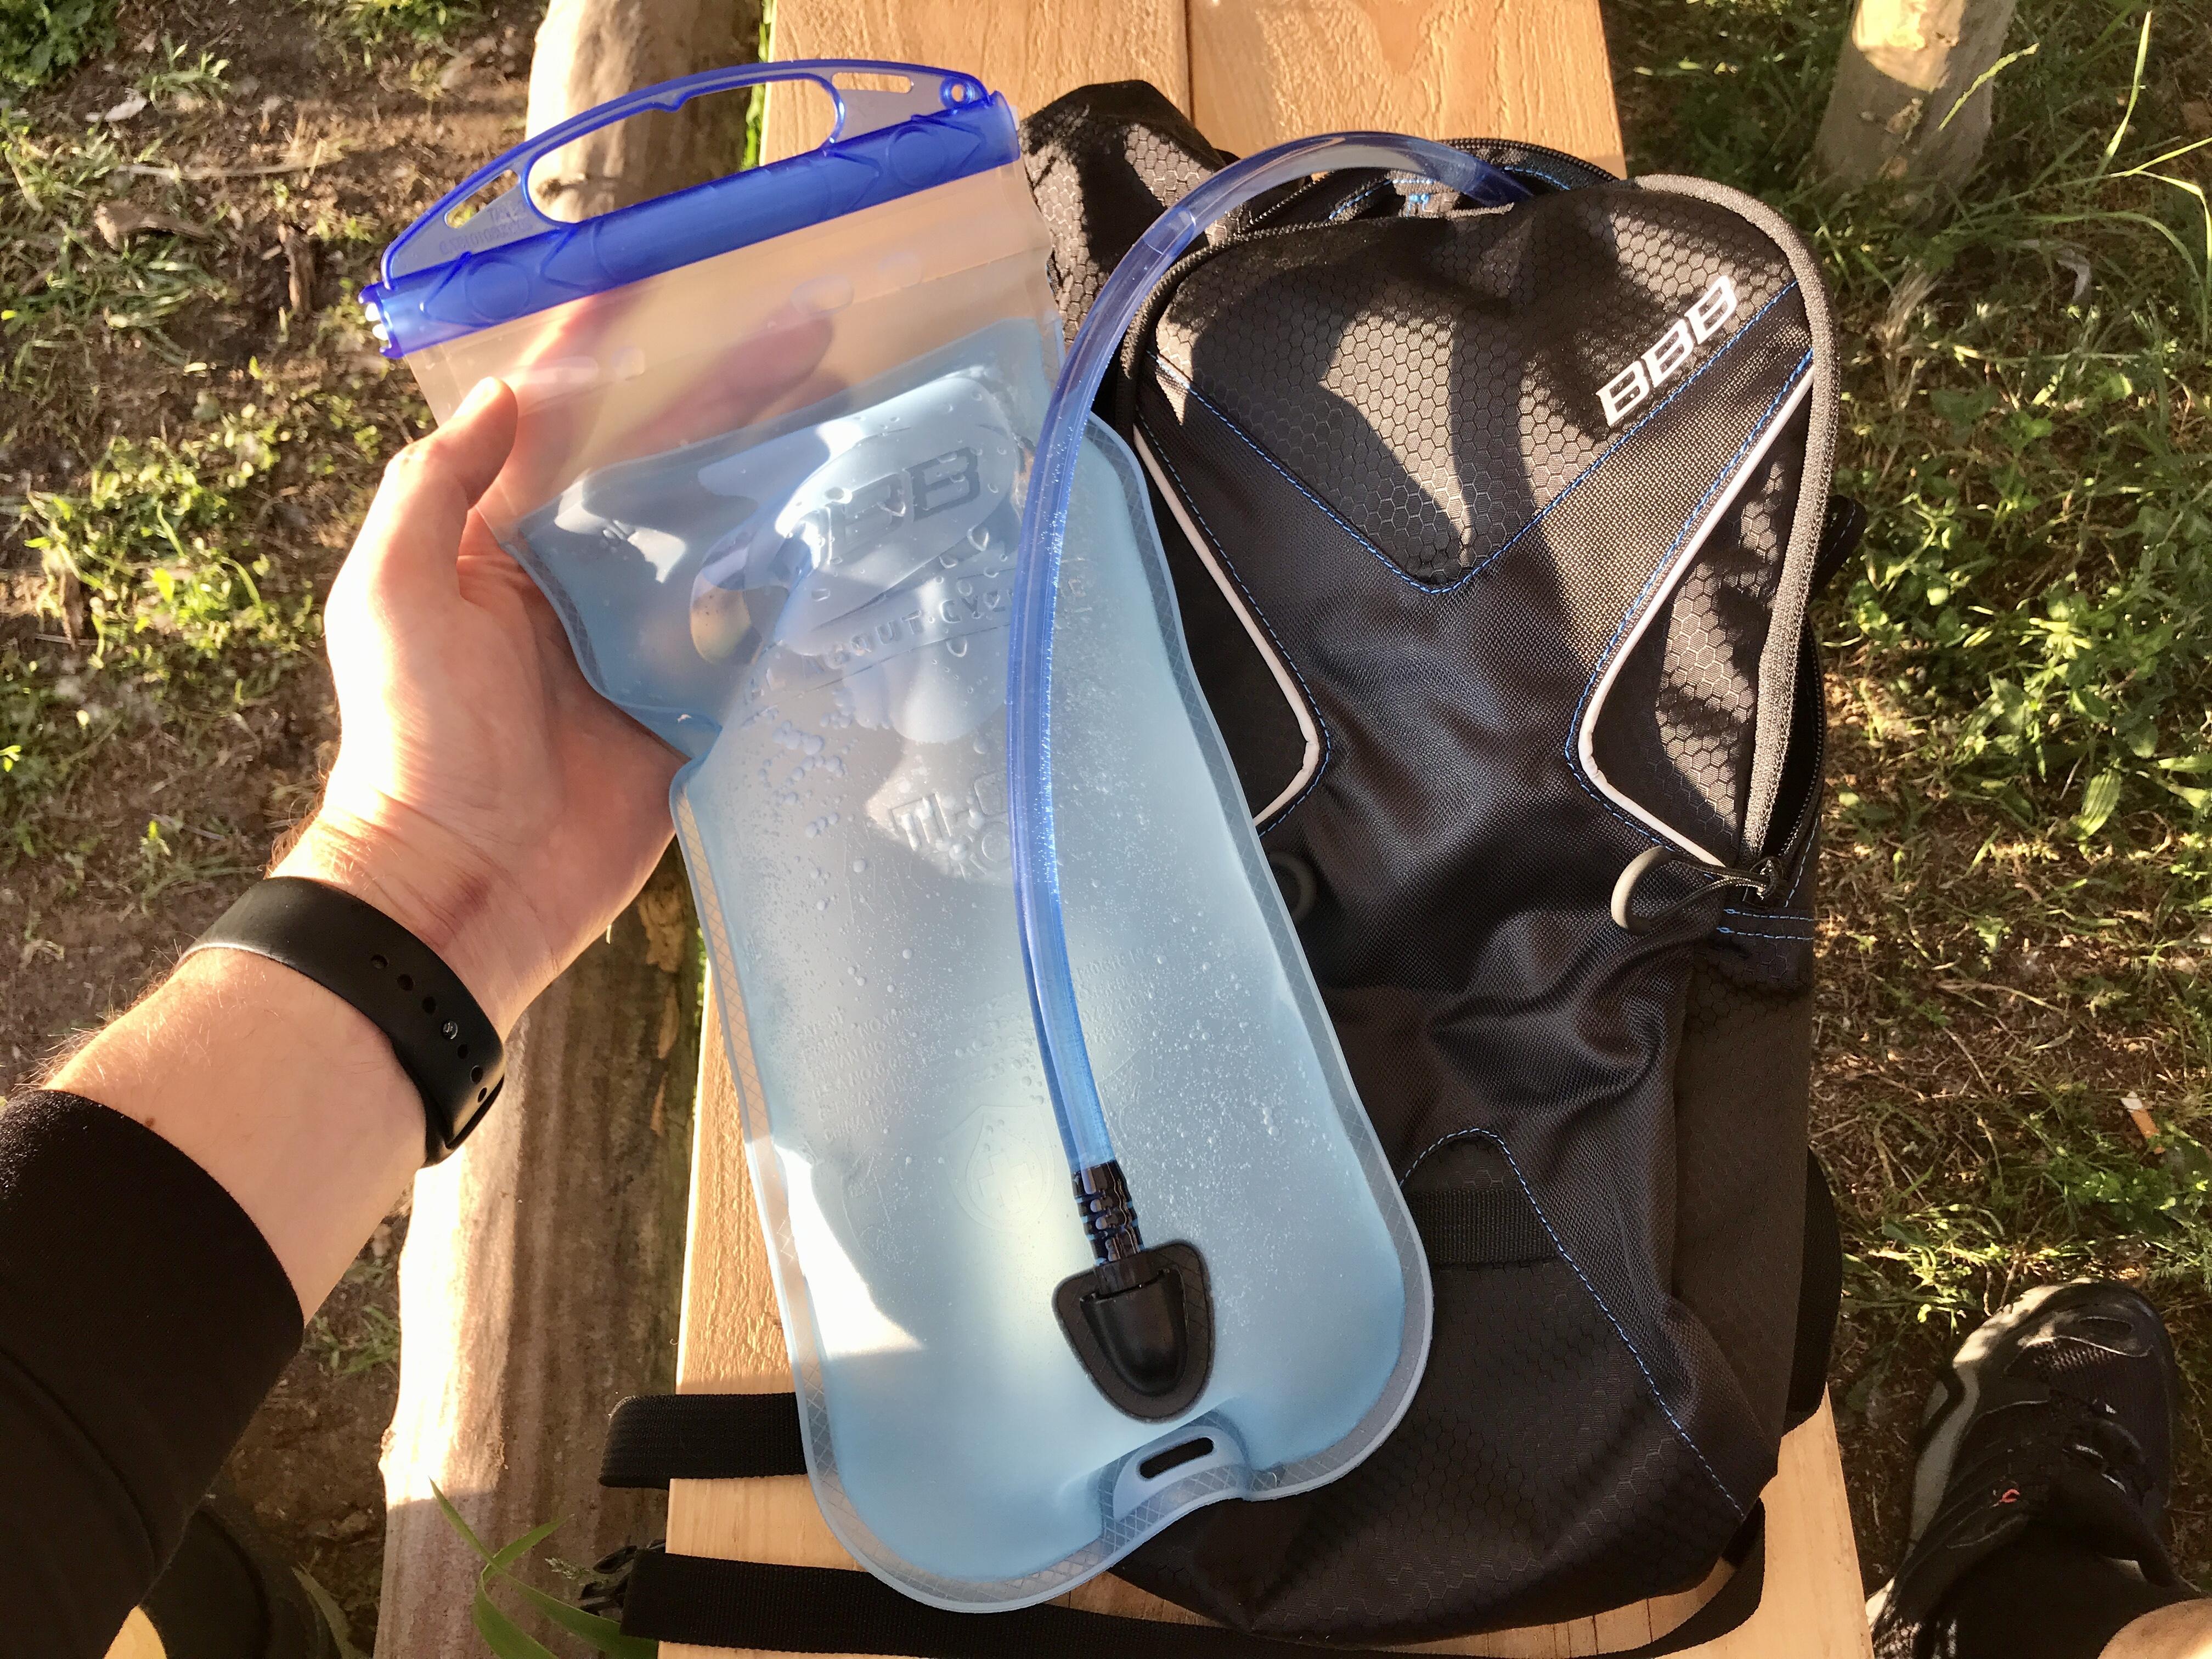 RECENZE: Cyklobatoh BBB BSB-111 zaručeně uhasí vaši žízeň